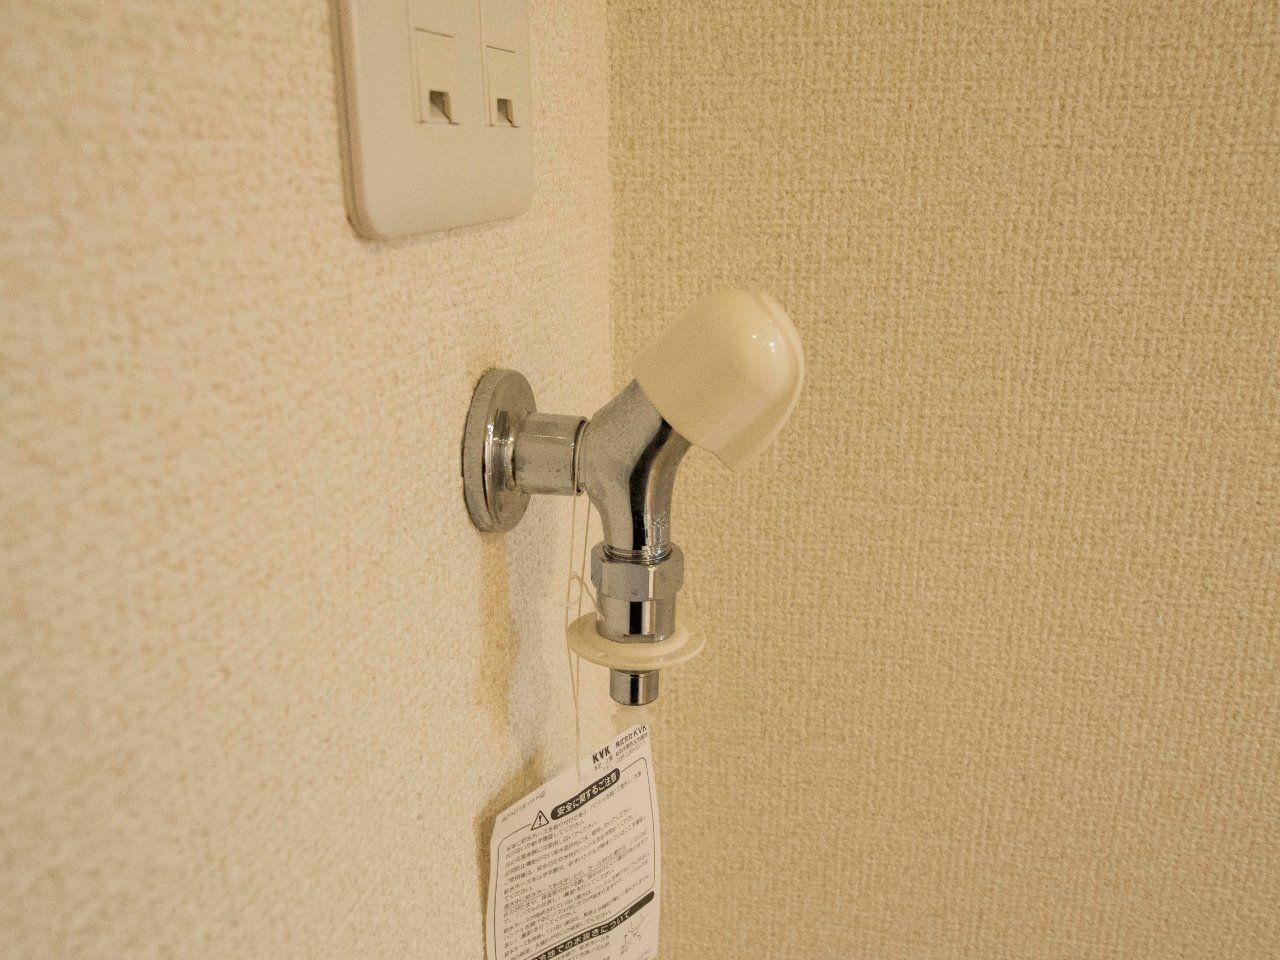 接続が簡単なワンタッチ式洗濯水栓